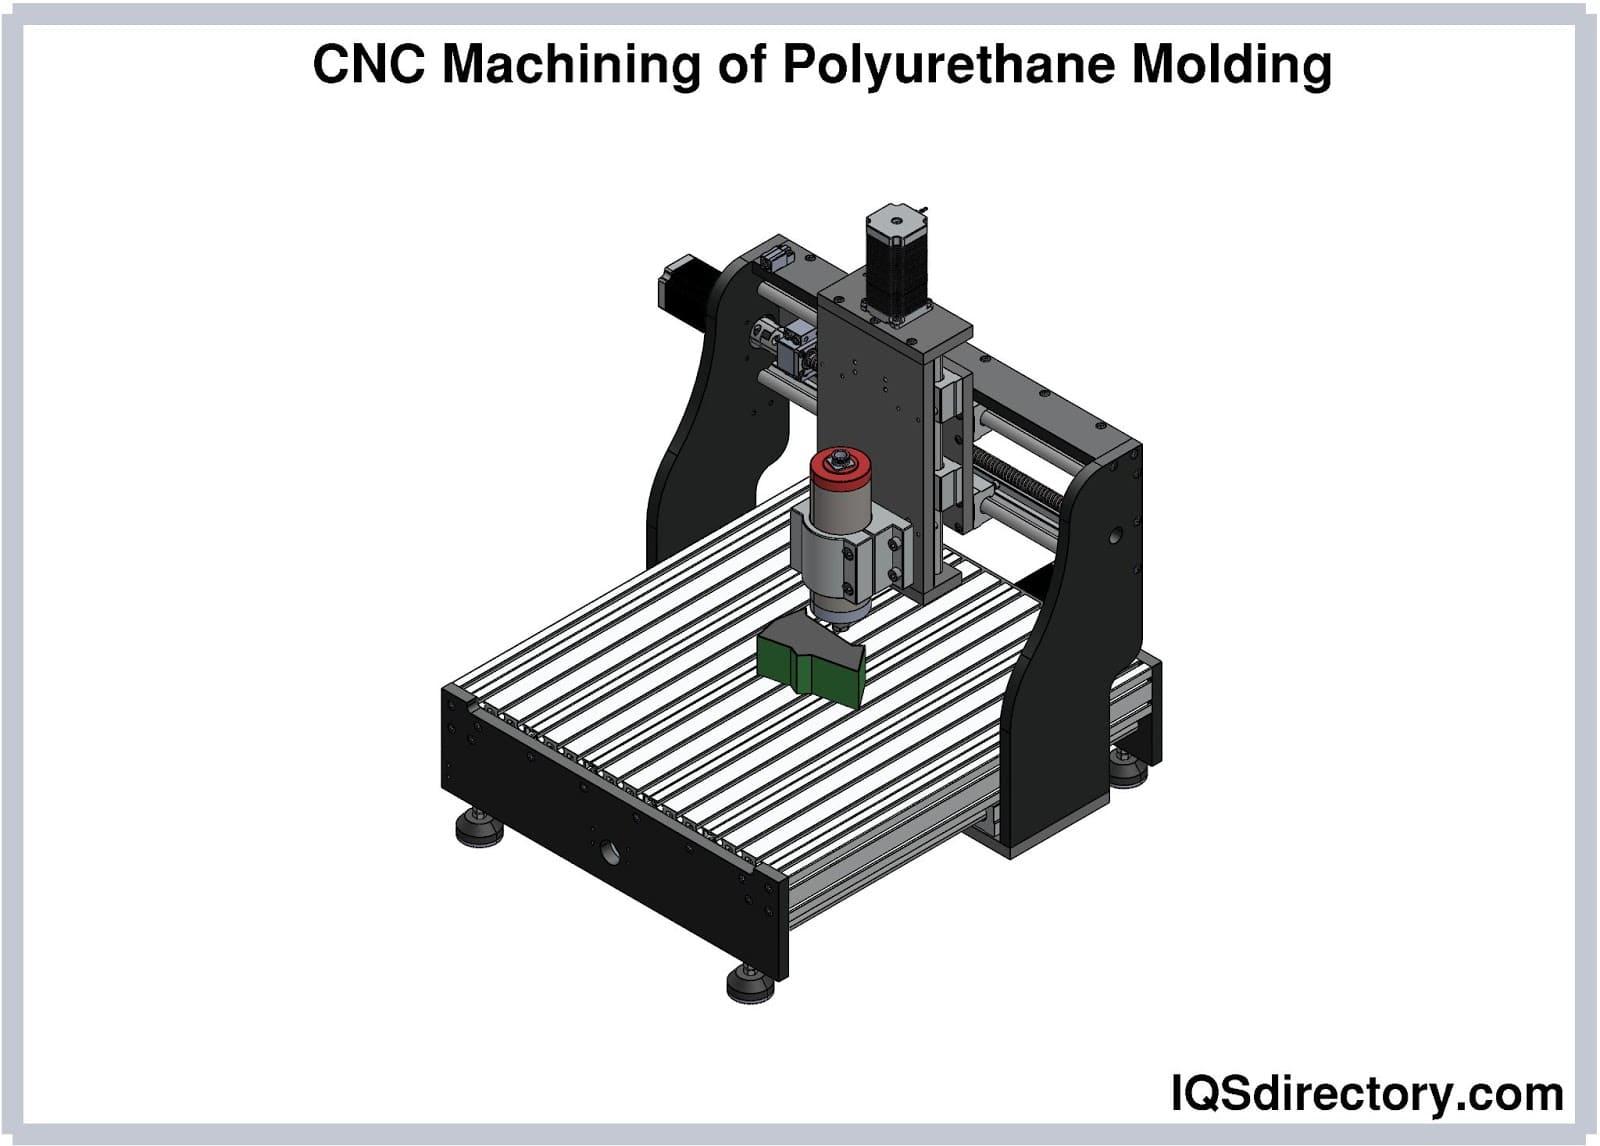 CNC Machining of Polyurethane Molding